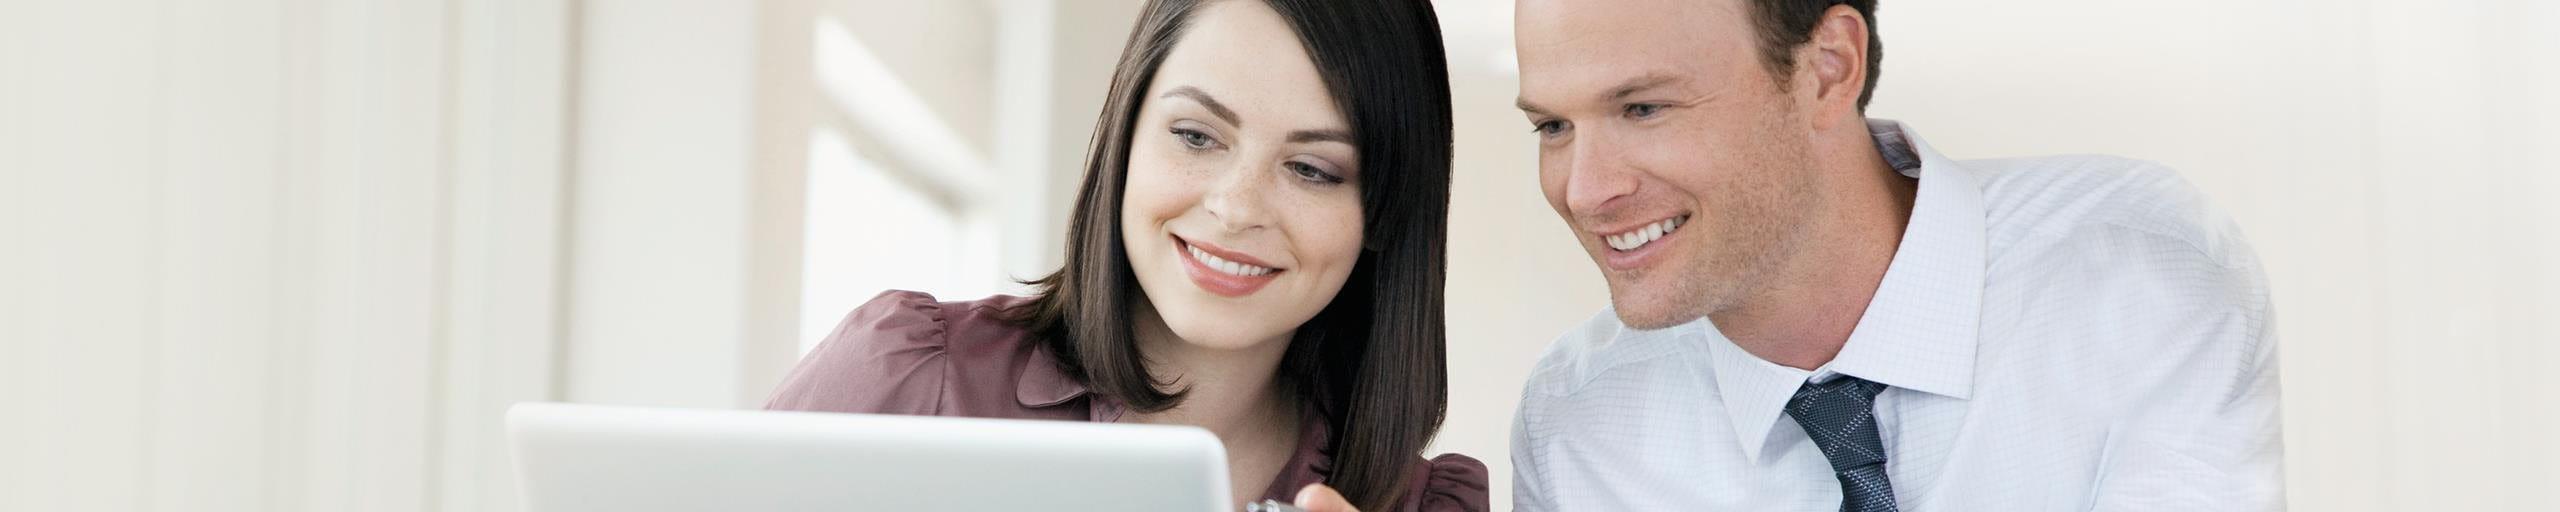 Zwei Personen schauen auf den Computer.